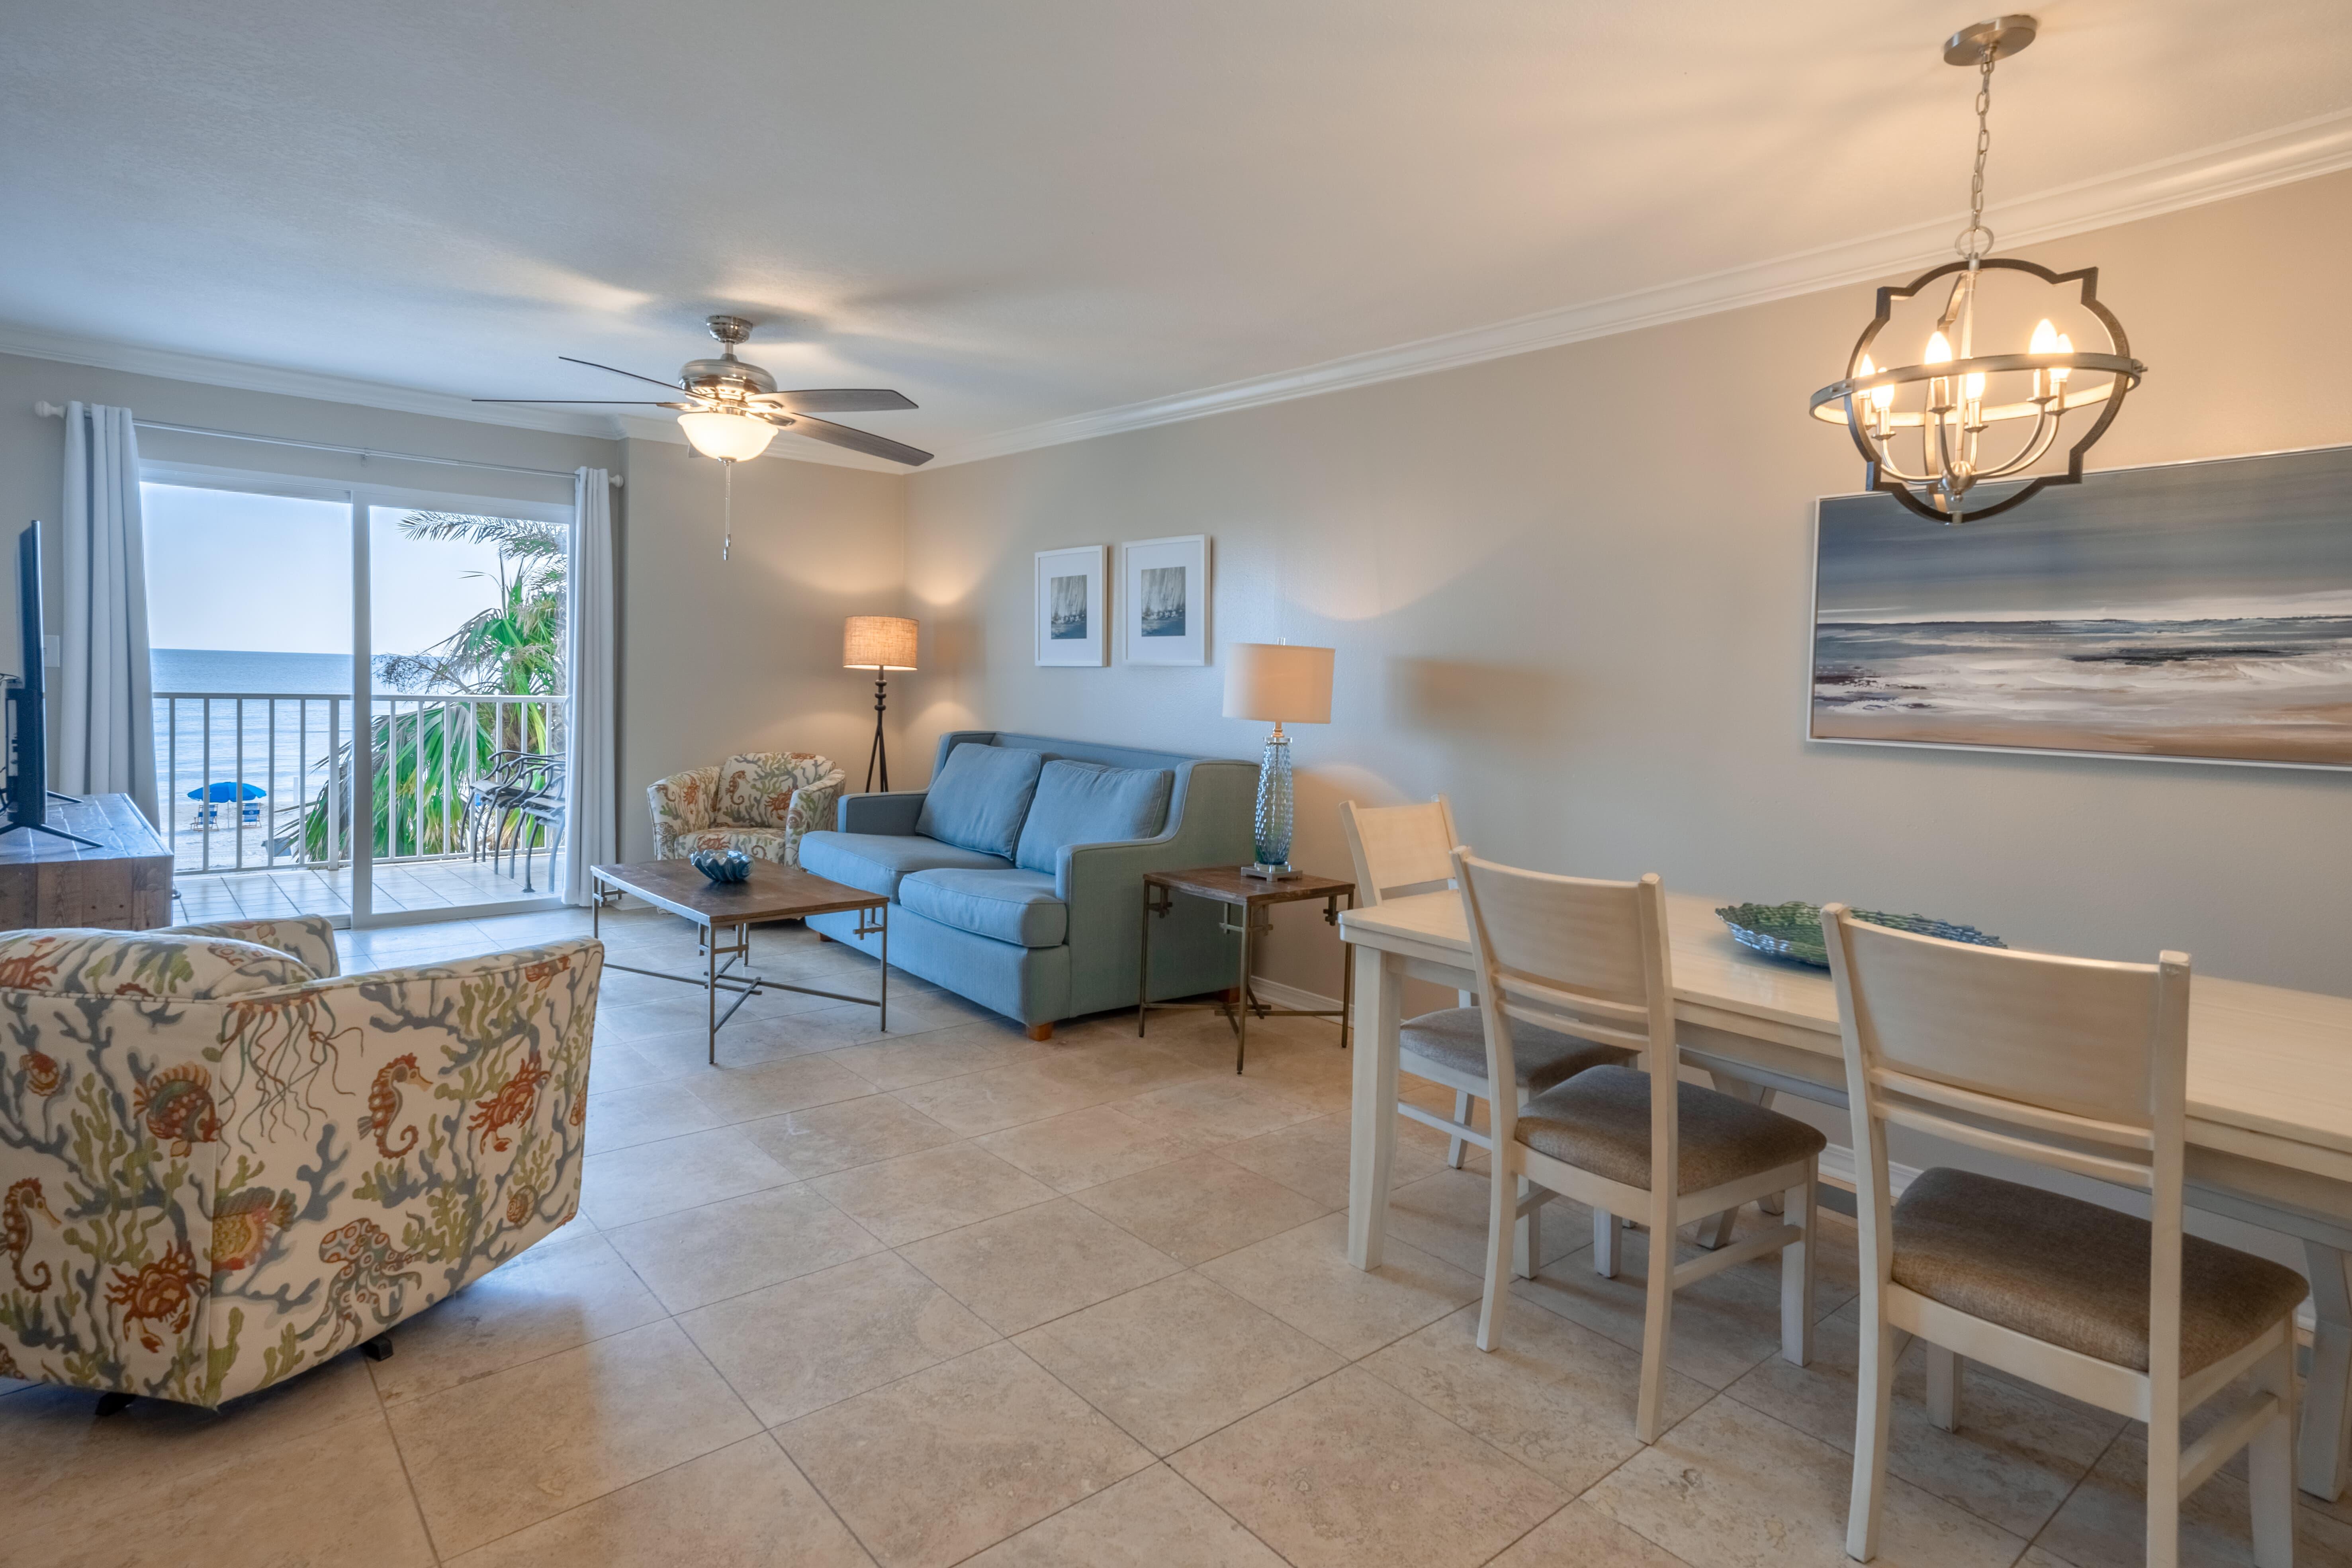 Ocean House 2201 Condo rental in Ocean House - Gulf Shores in Gulf Shores Alabama - #3